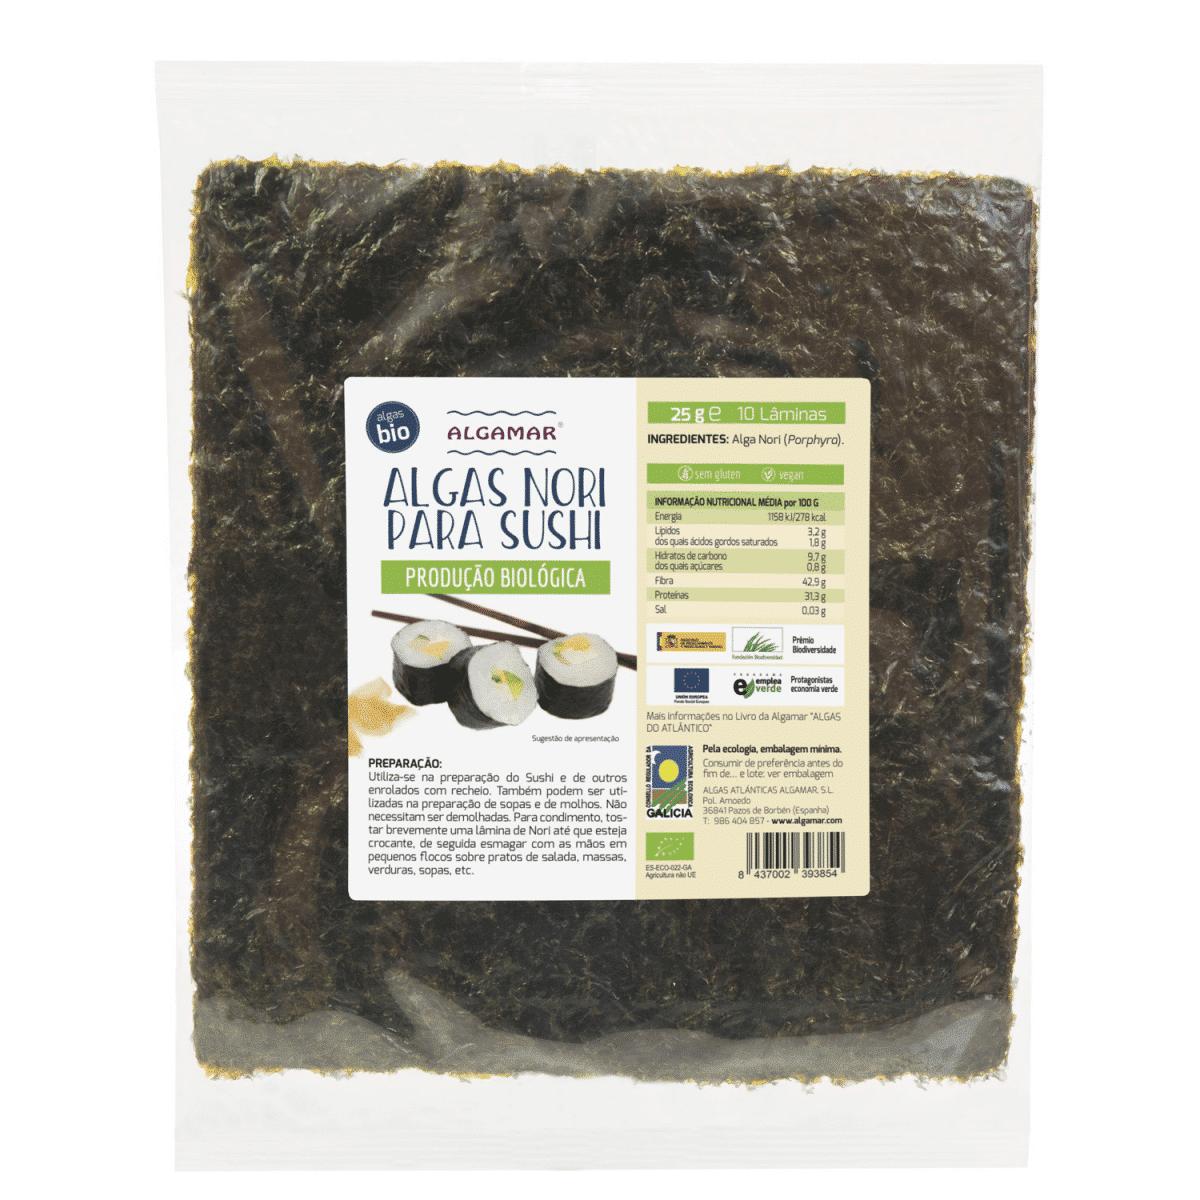 alga nori para sushi algamar